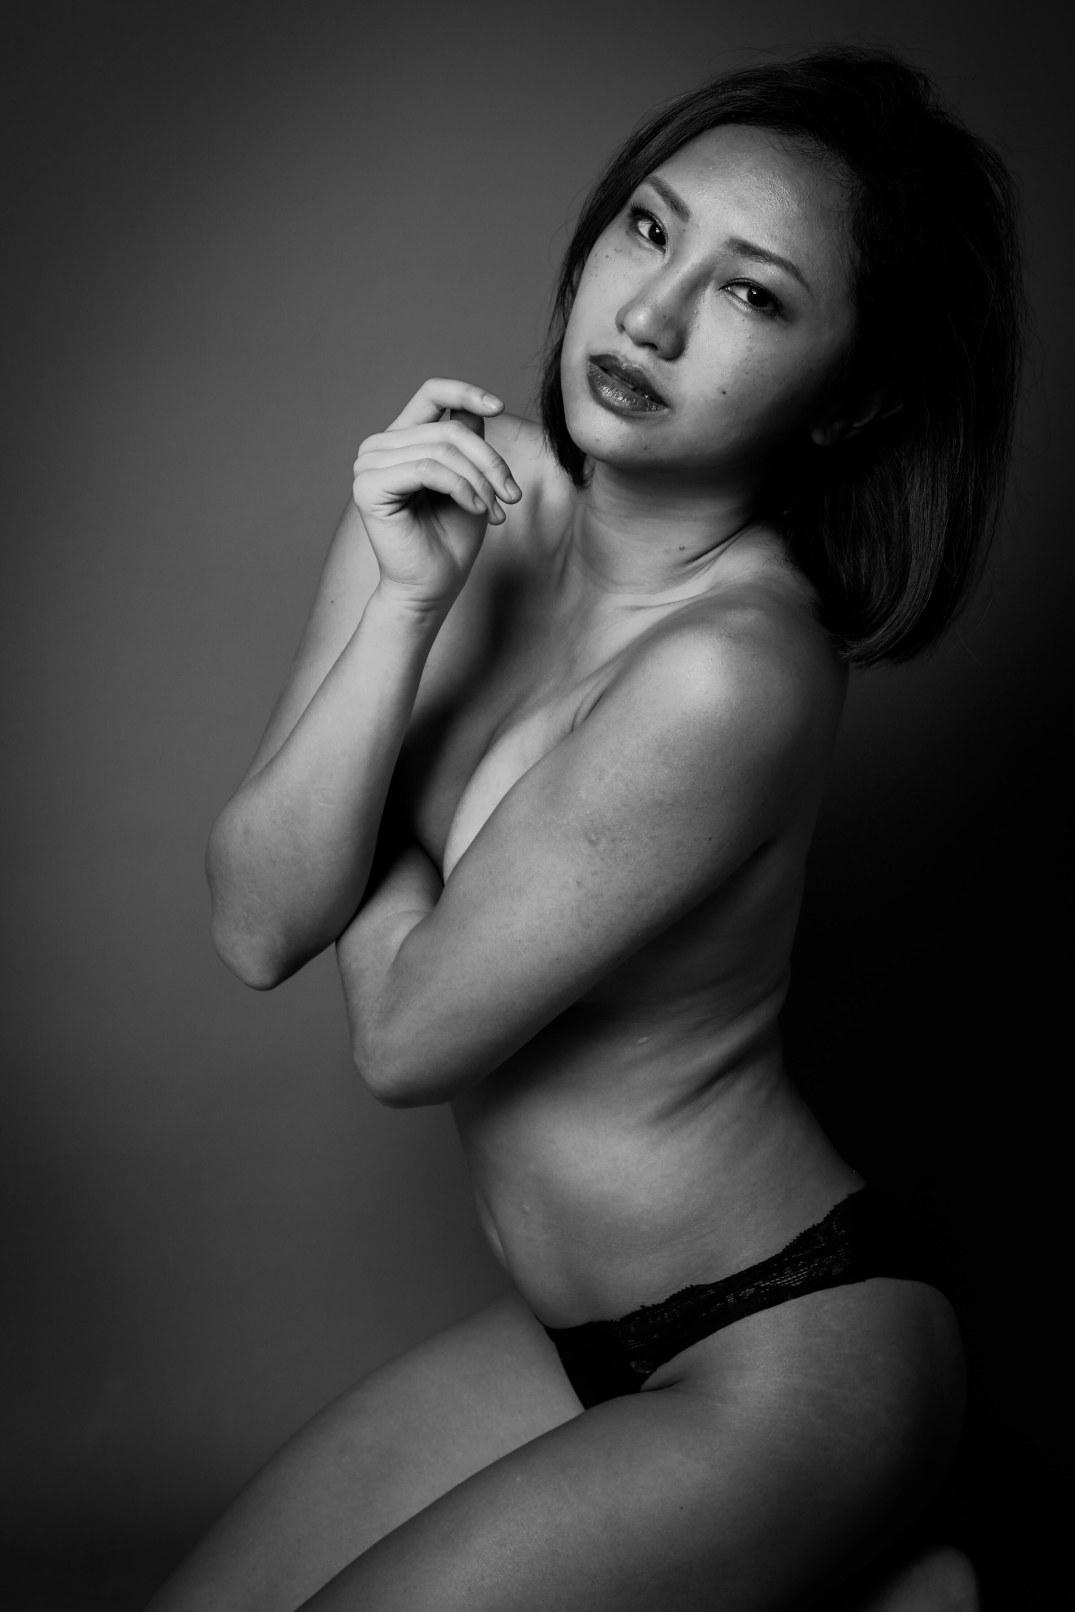 人像攝影_Toby-47